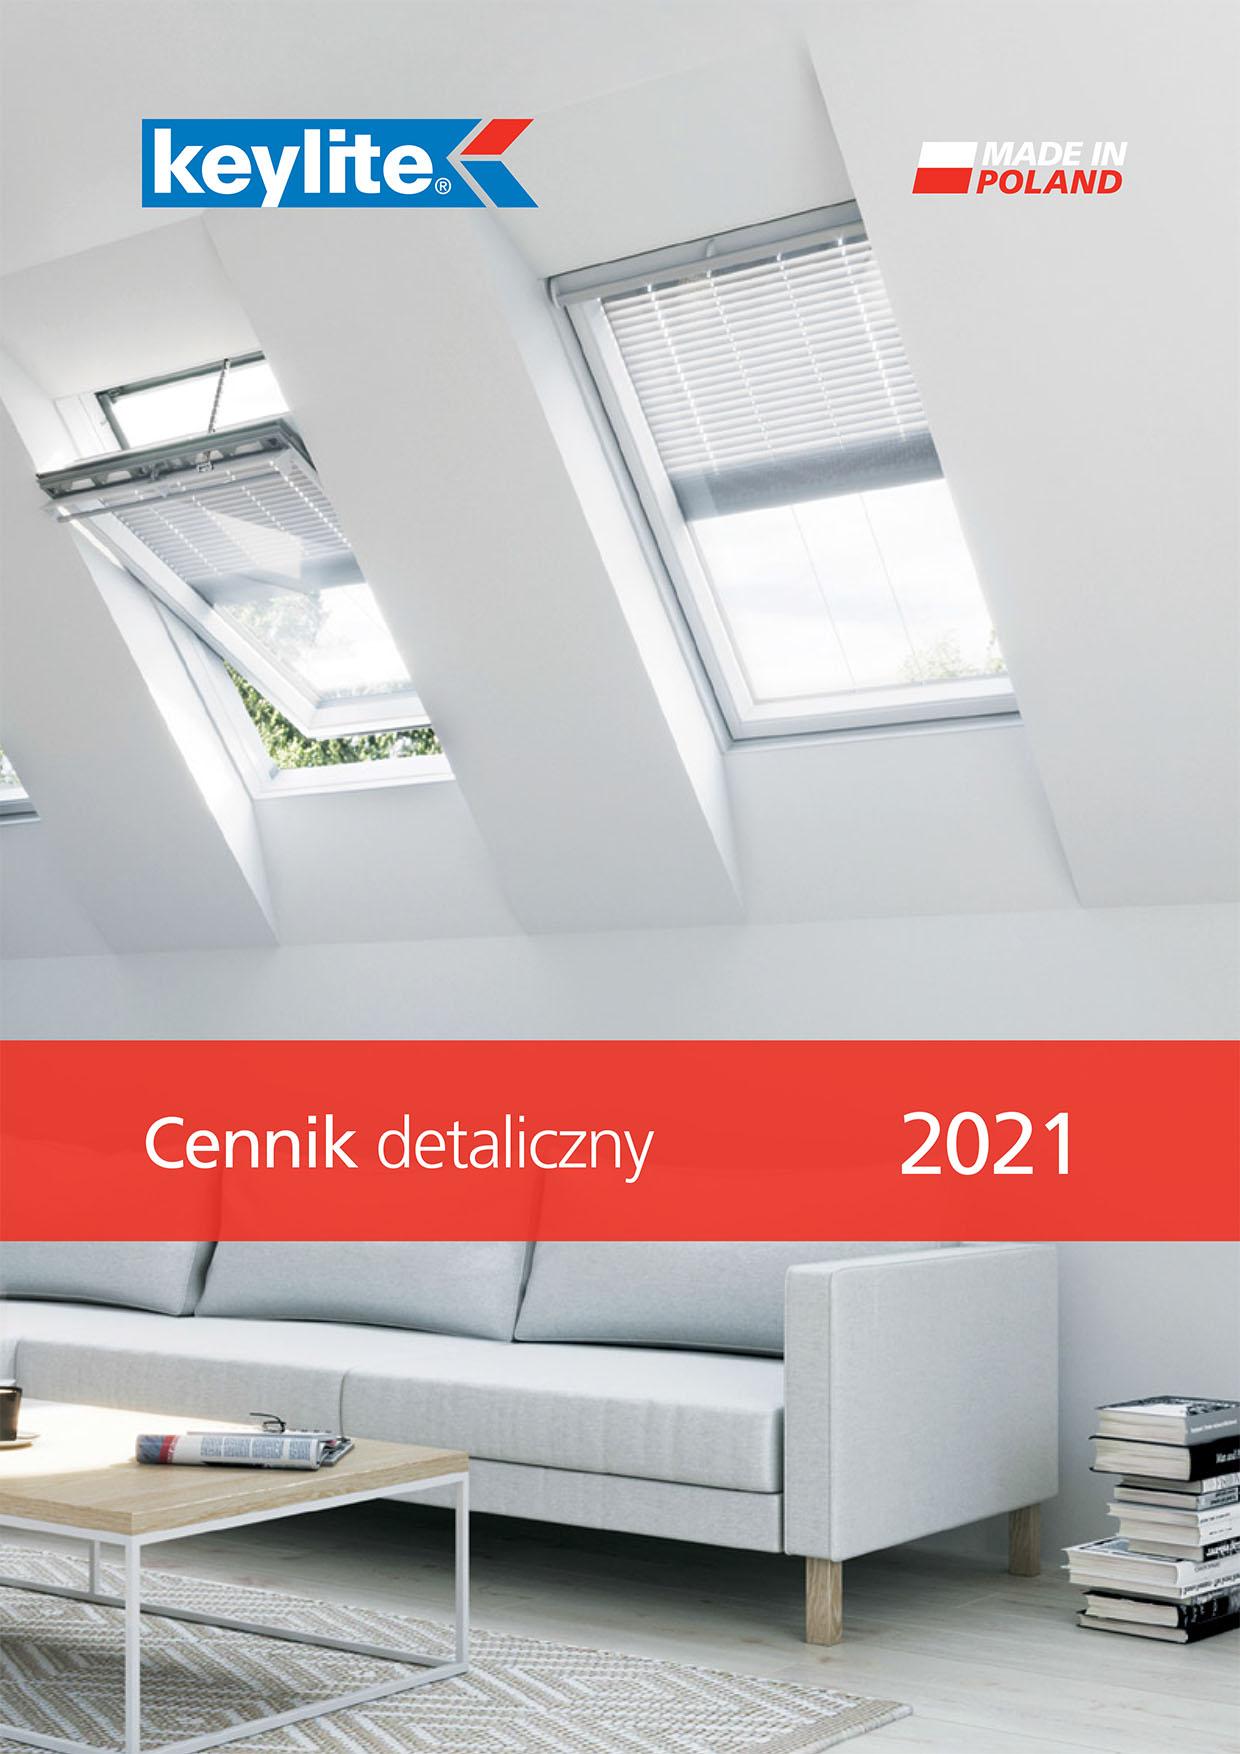 Cennik detaliczny 2021